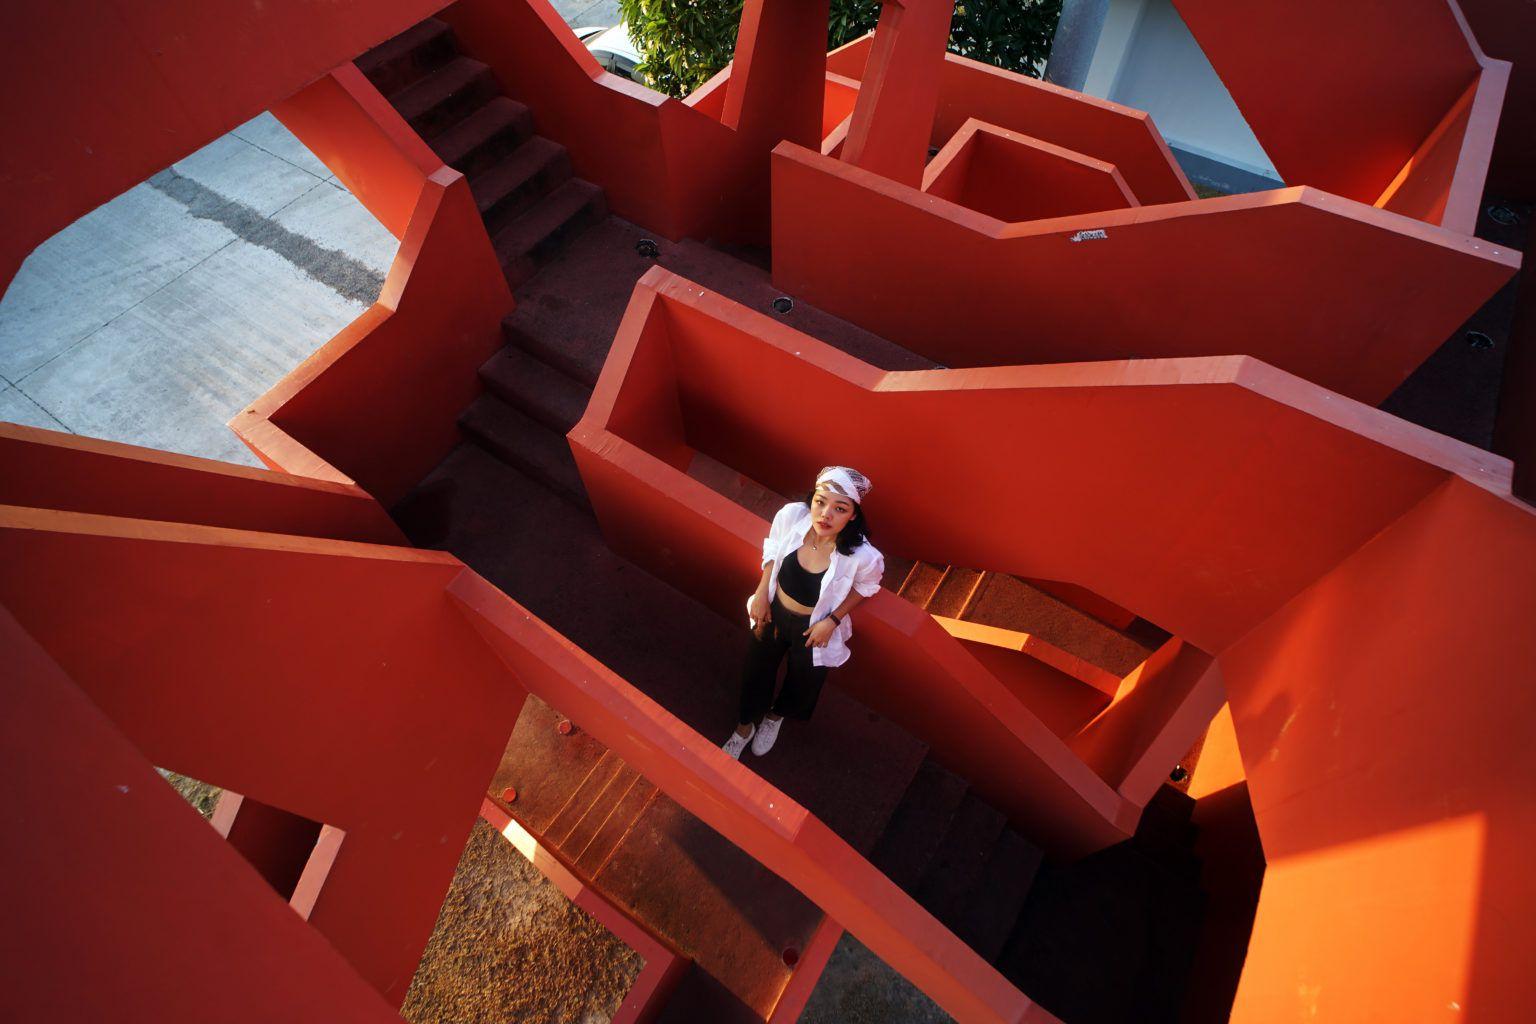 Портрет девушки в архитектурном окружении